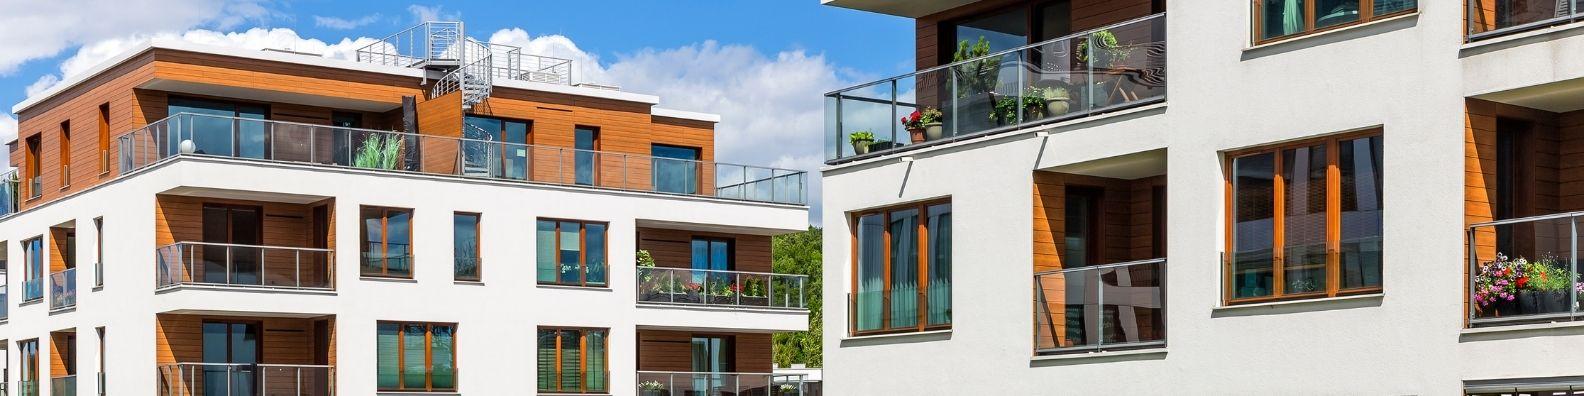 ceny nowych mieszkań